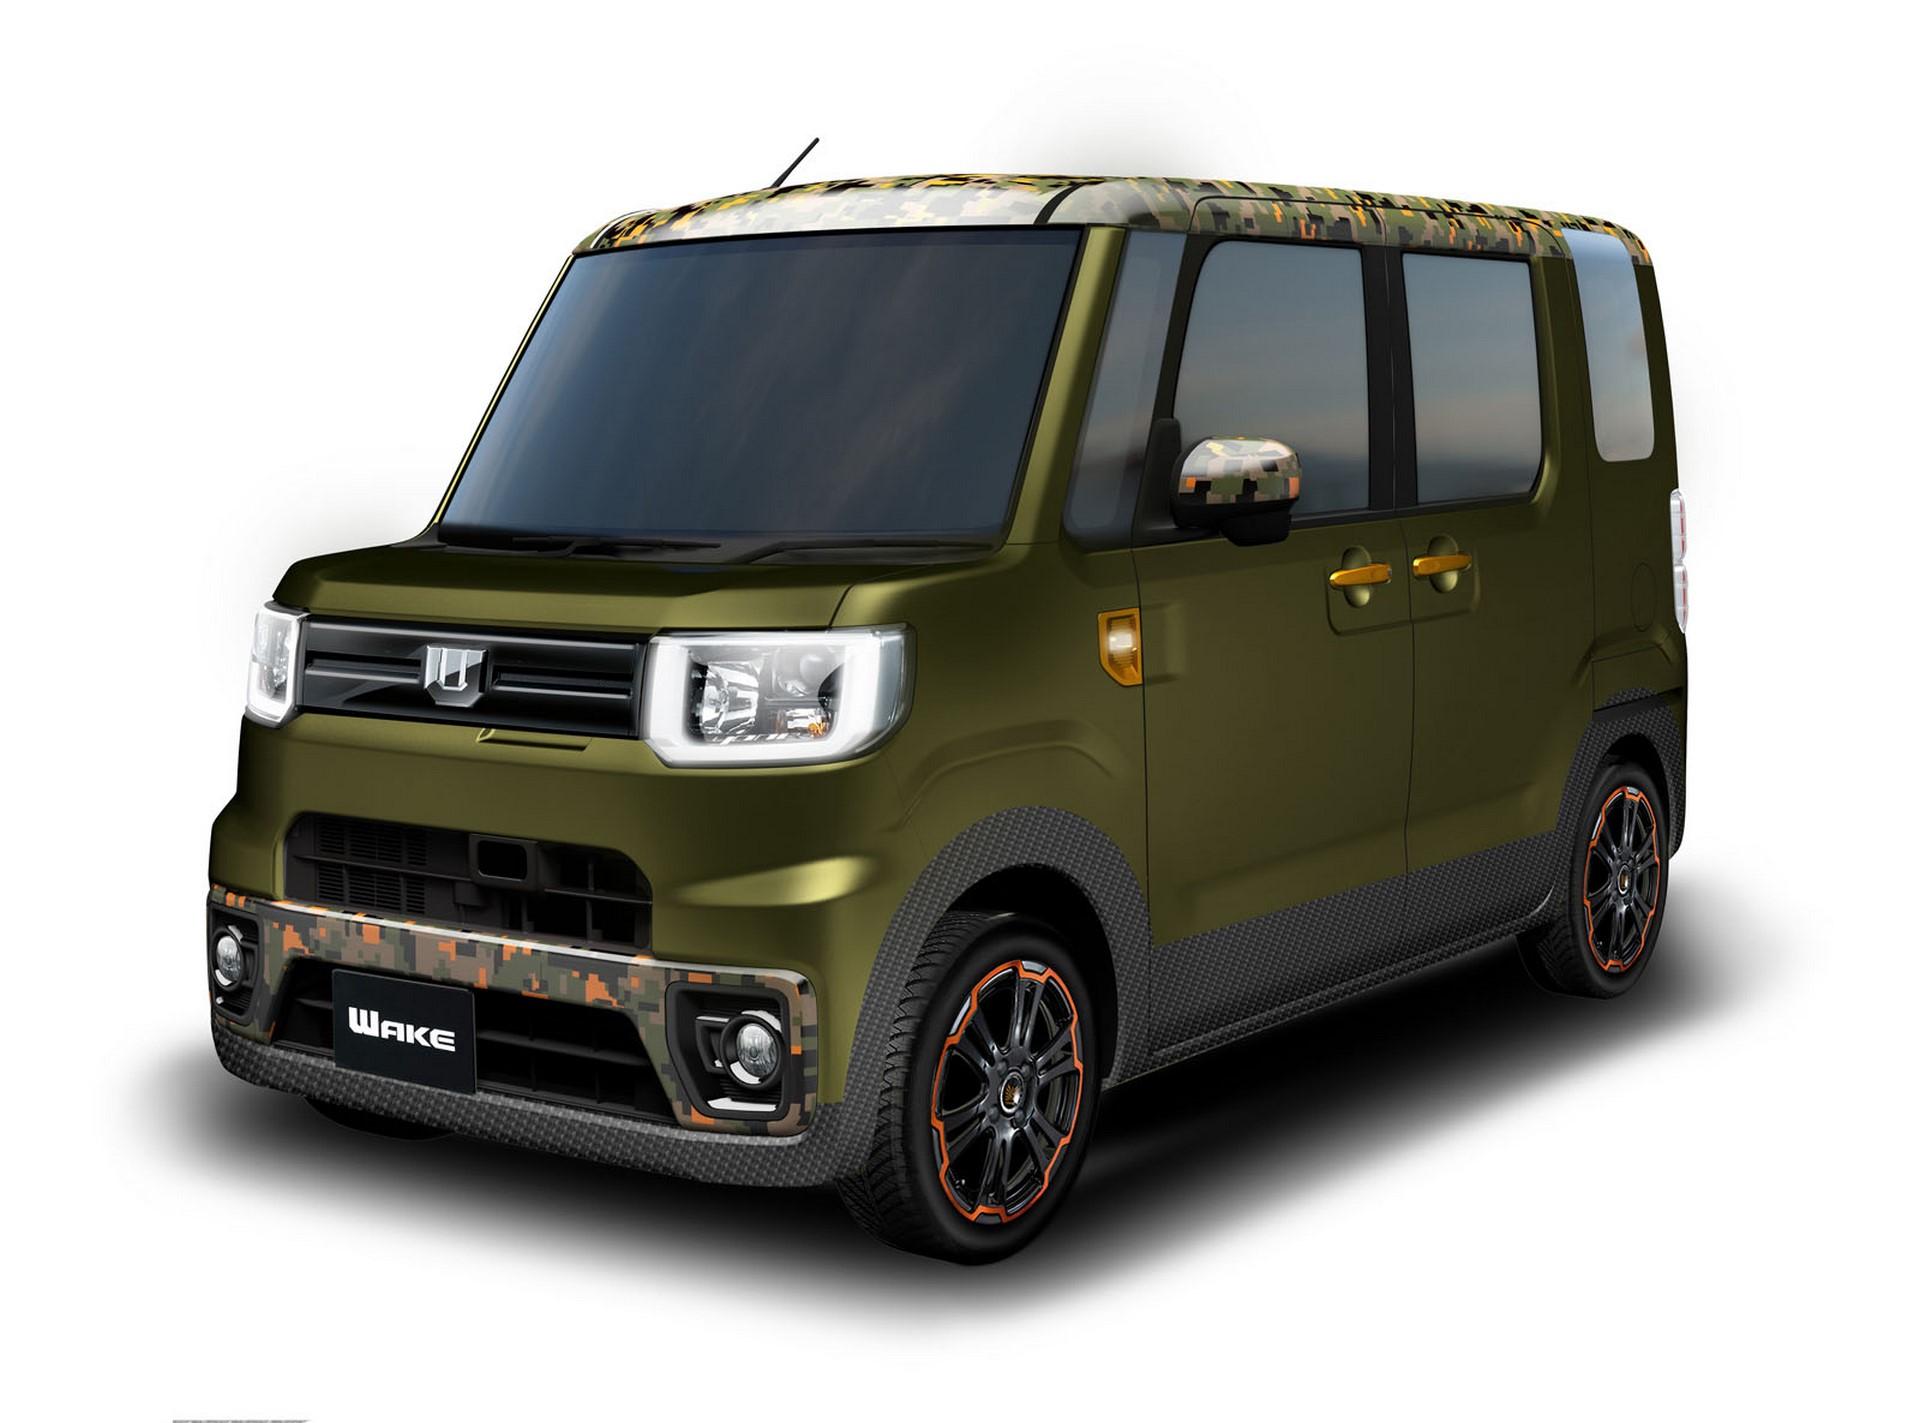 Daihatsu for Tokyo Auto Salon 2017 (11)